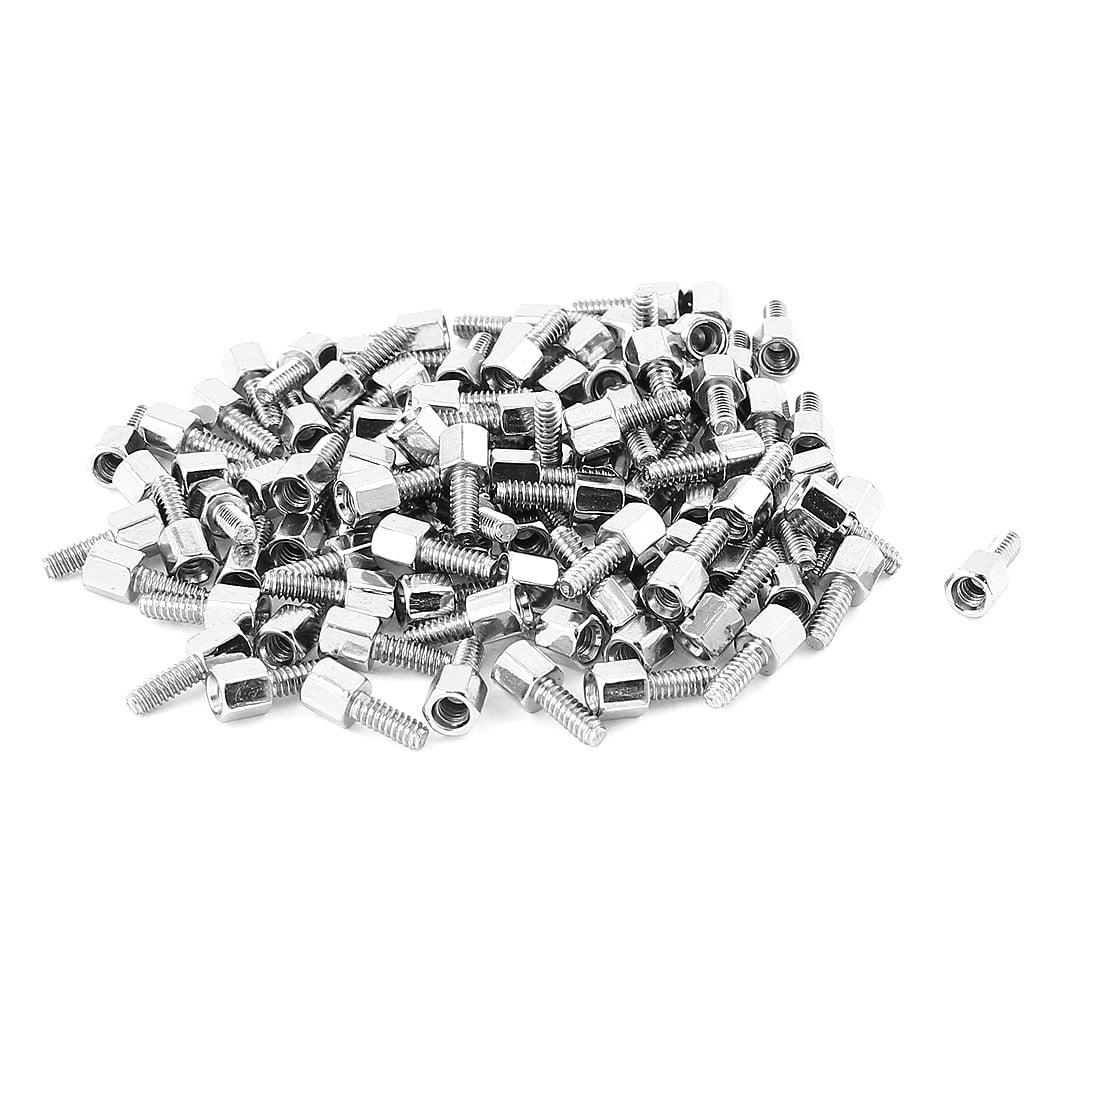 """100pcs # 4-40 0.197"""" + 0.276""""tête hexagonale vis à métal dur plaqué nickel - image 1 de 1"""